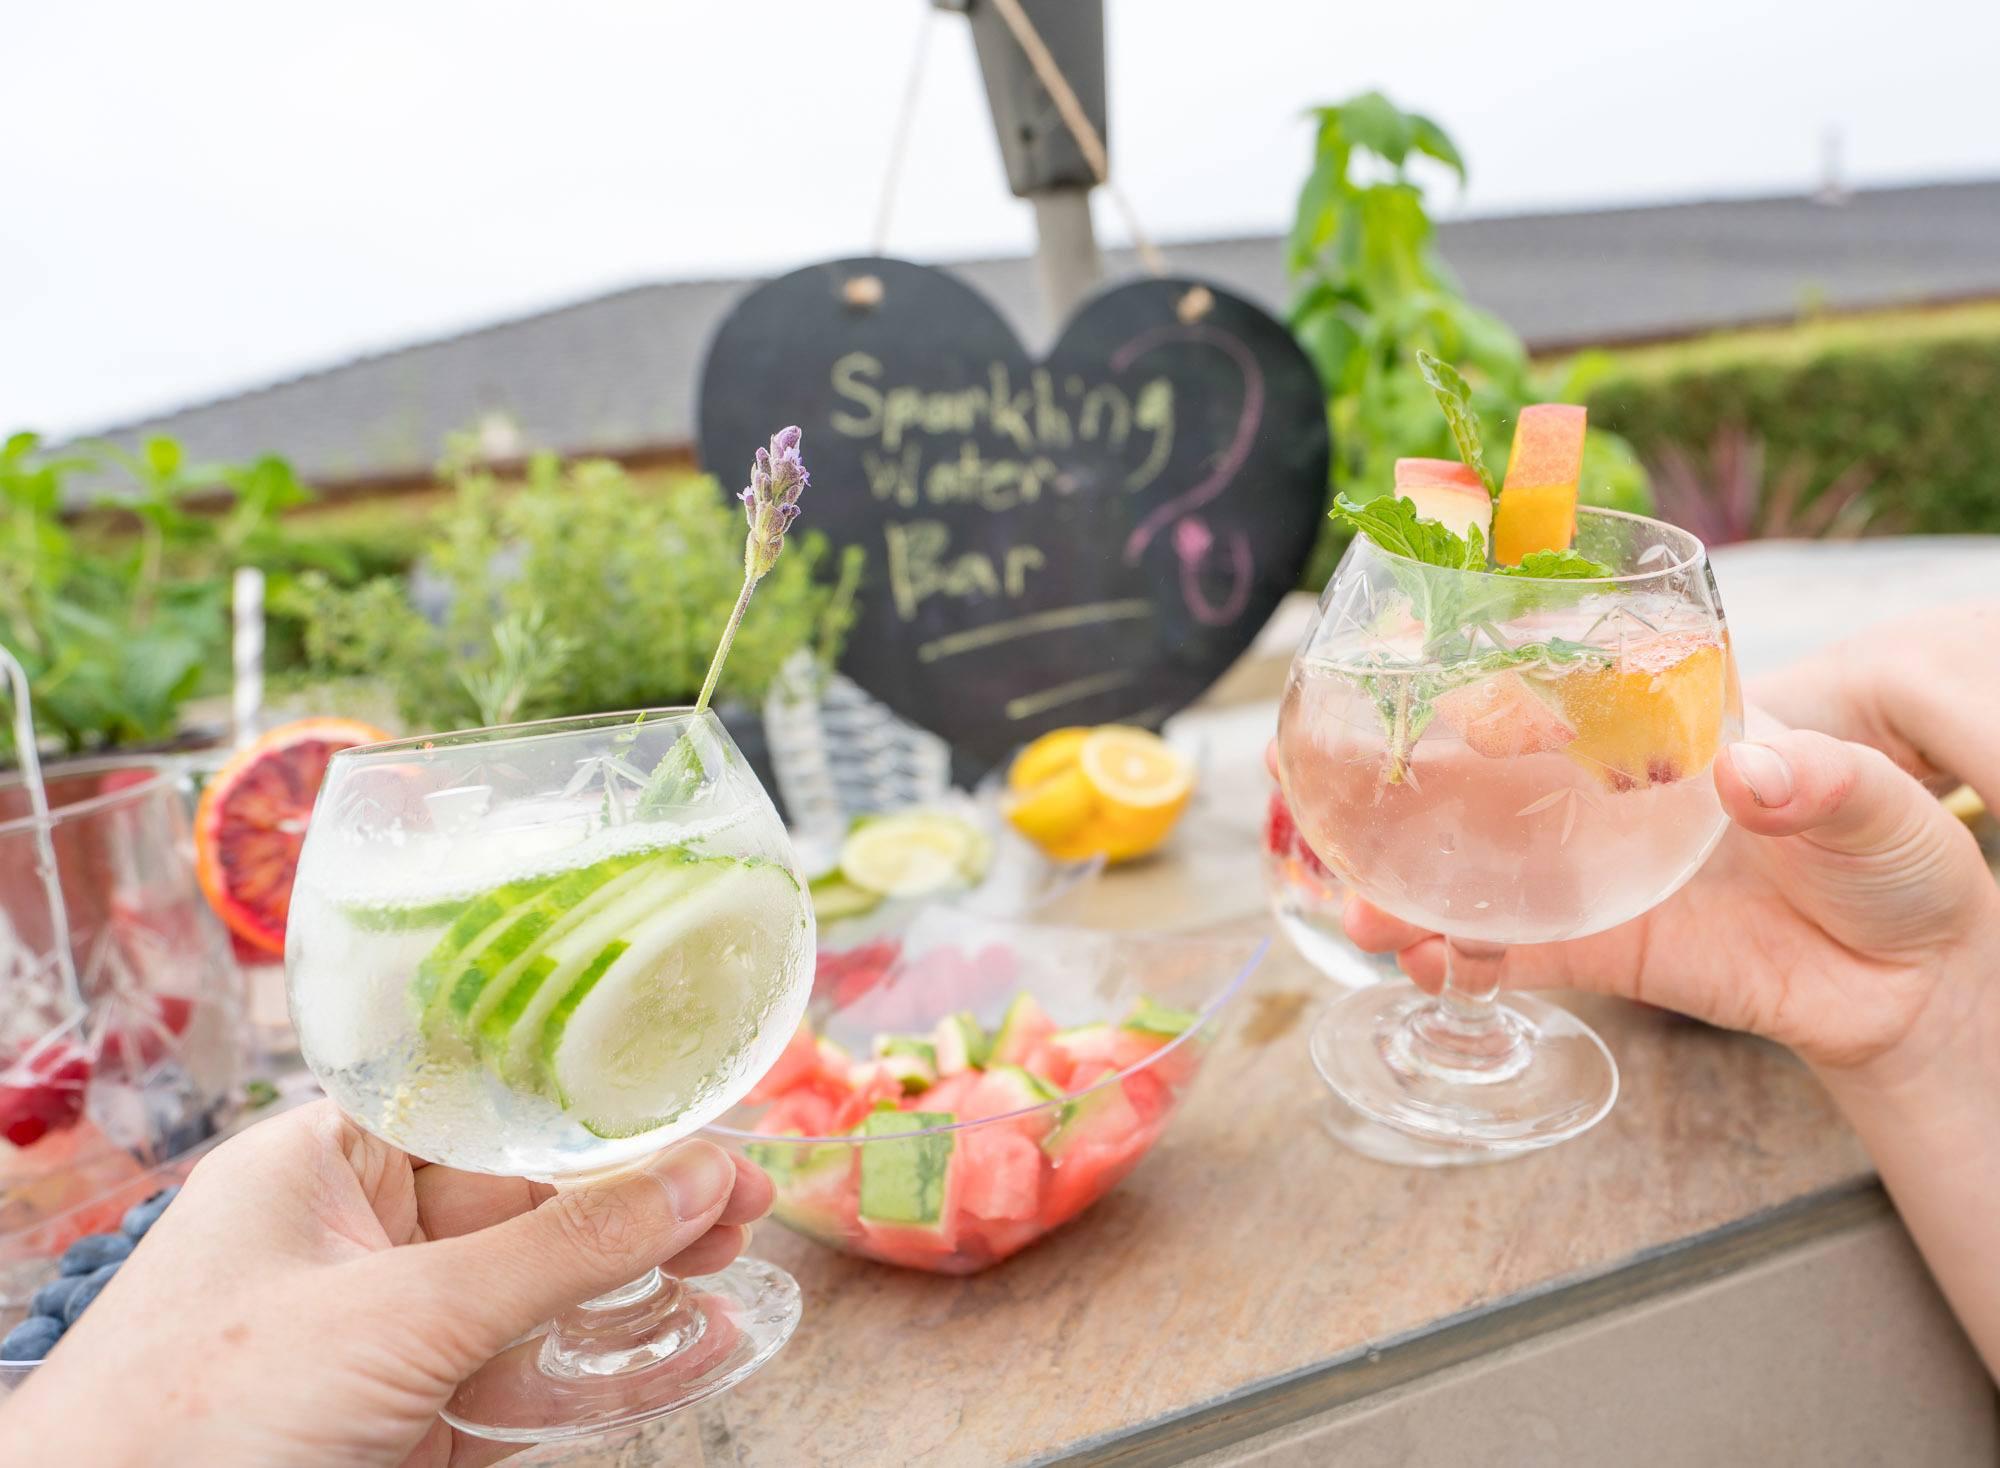 Make a sparkling water bar for a fun party idea.